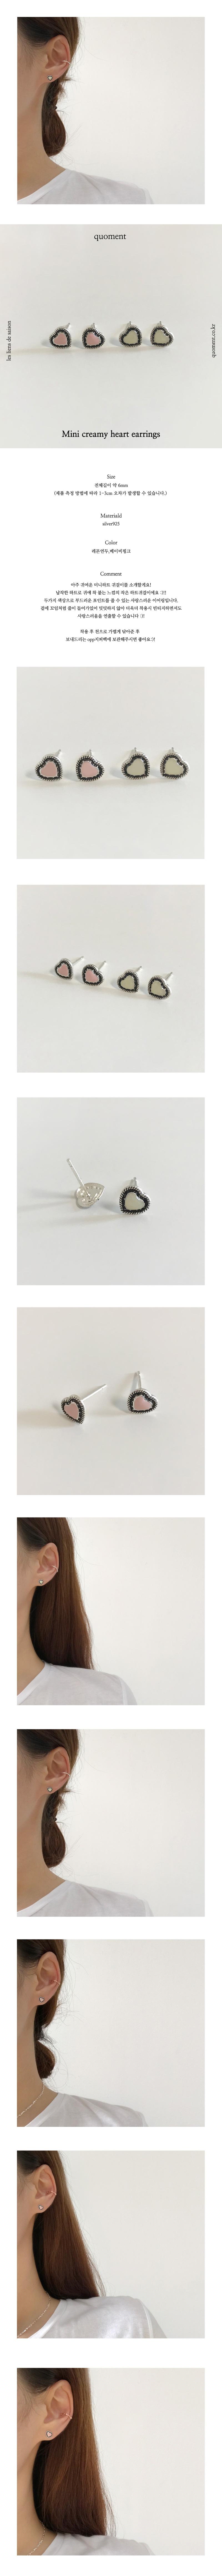 925실버 미니크리미 형광 하트꼬임 귀걸이 - 쿼먼트, 13,500원, 실버, 볼귀걸이